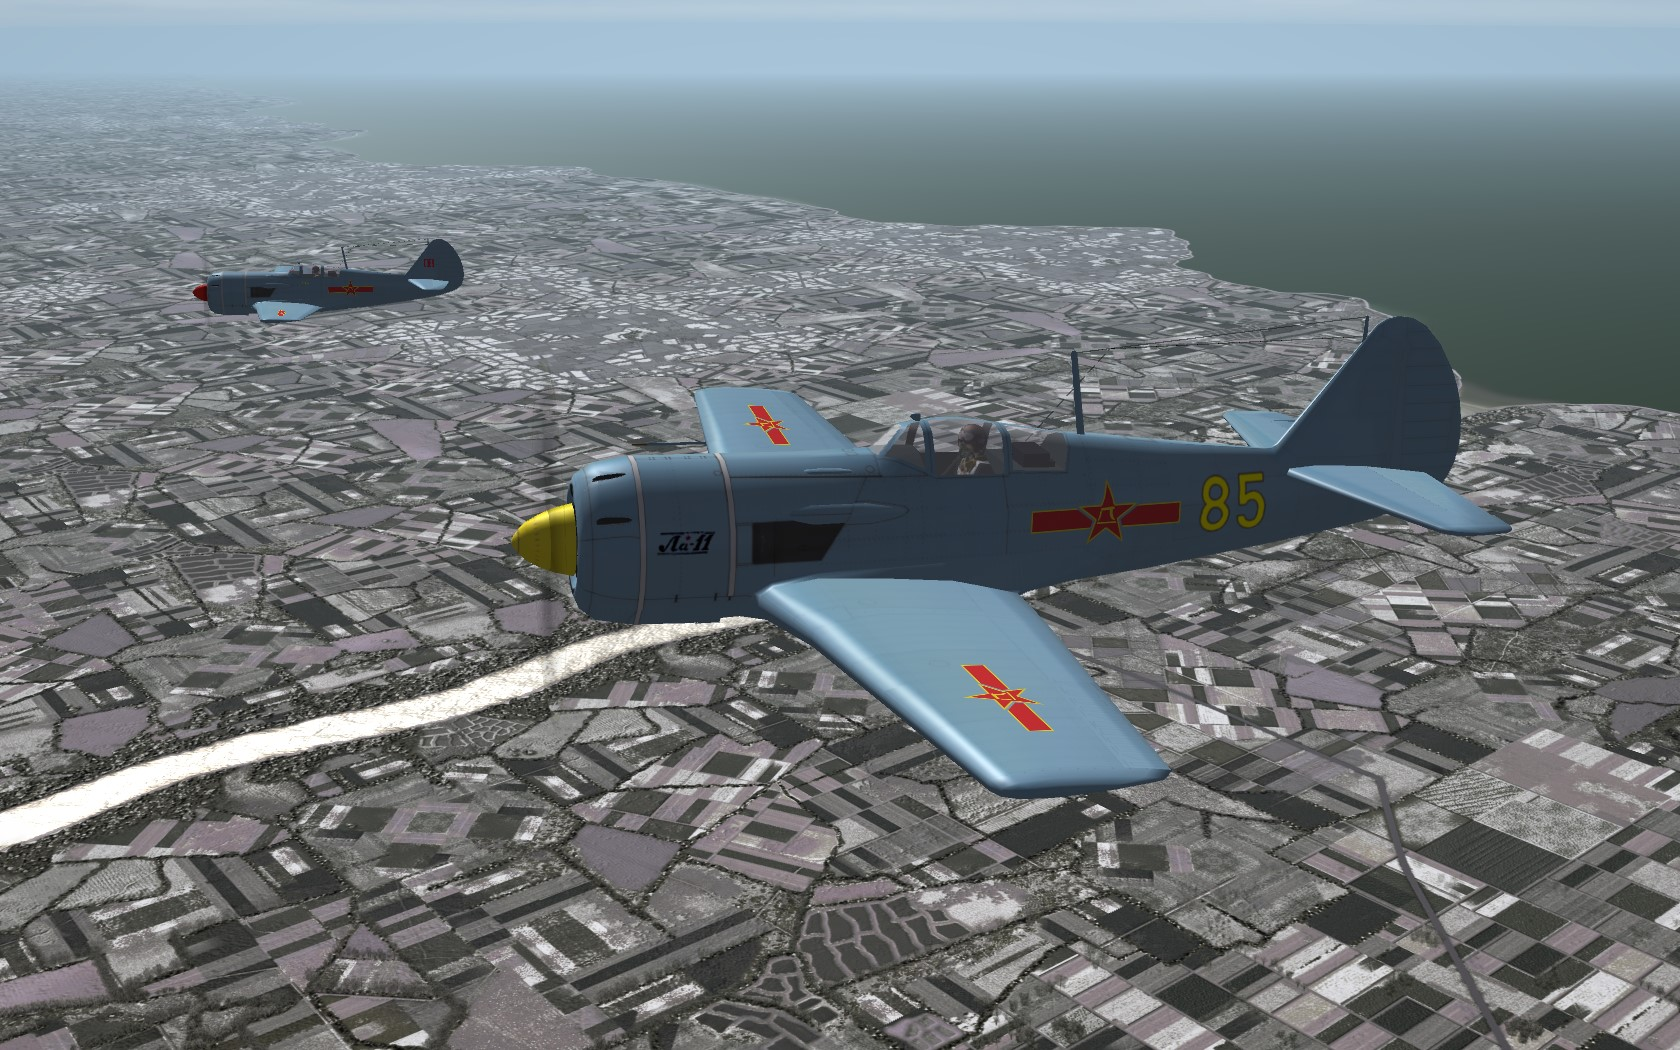 Lavochkin La-9 Fritz & La-11 Fang